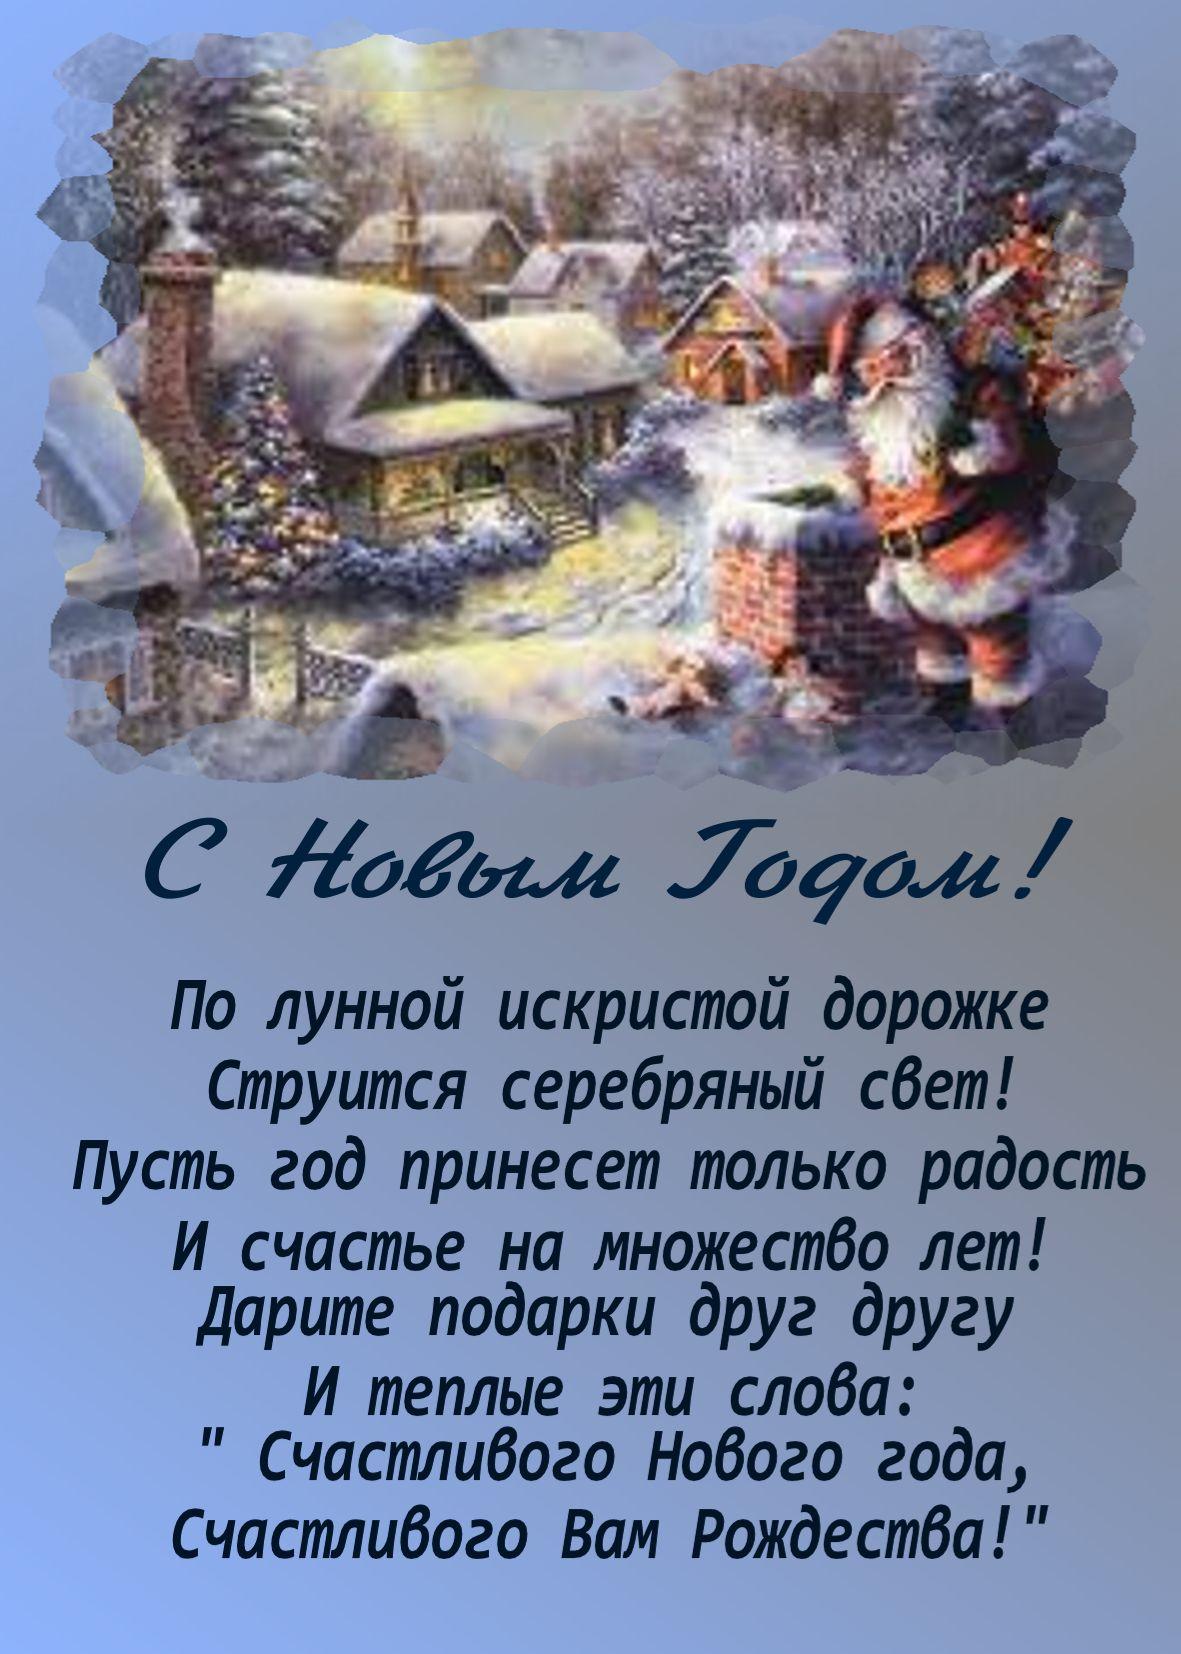 Теплые поздравления с новым годом своими словами